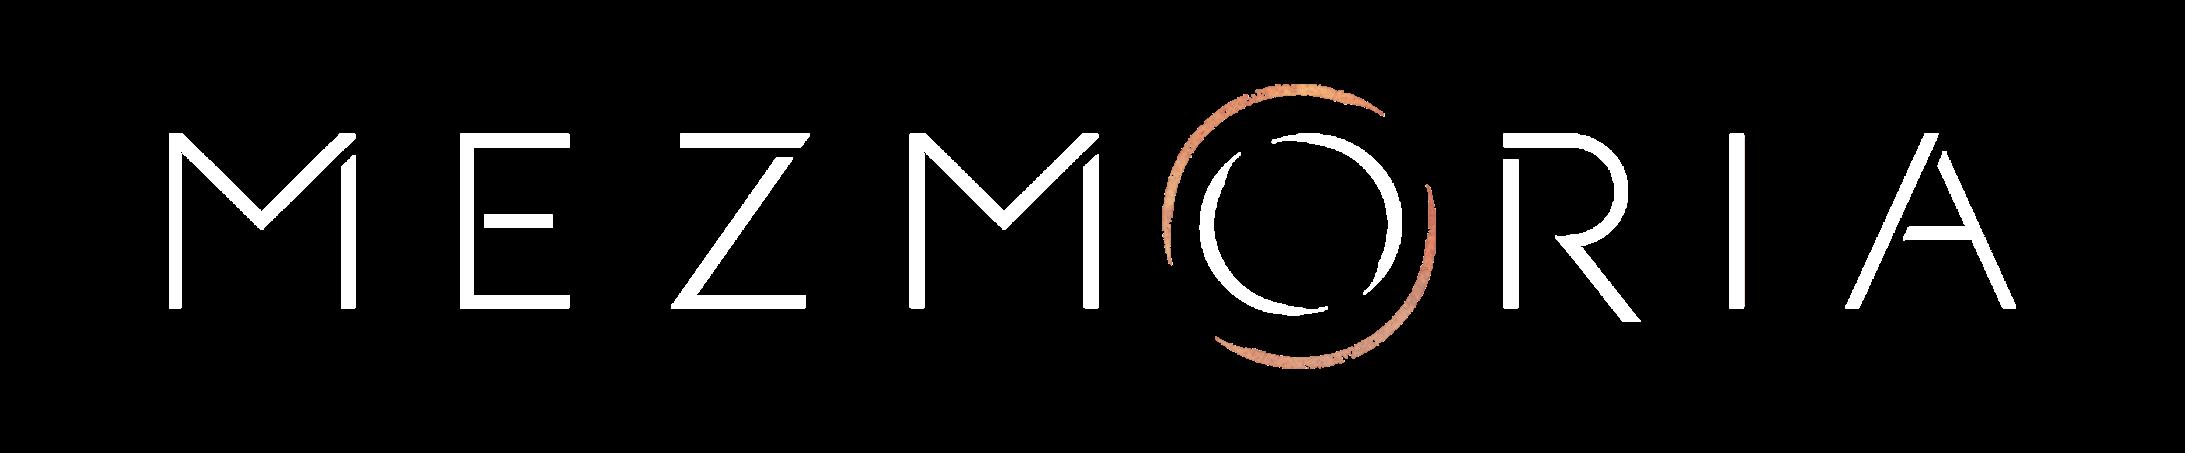 mezmoria-logo